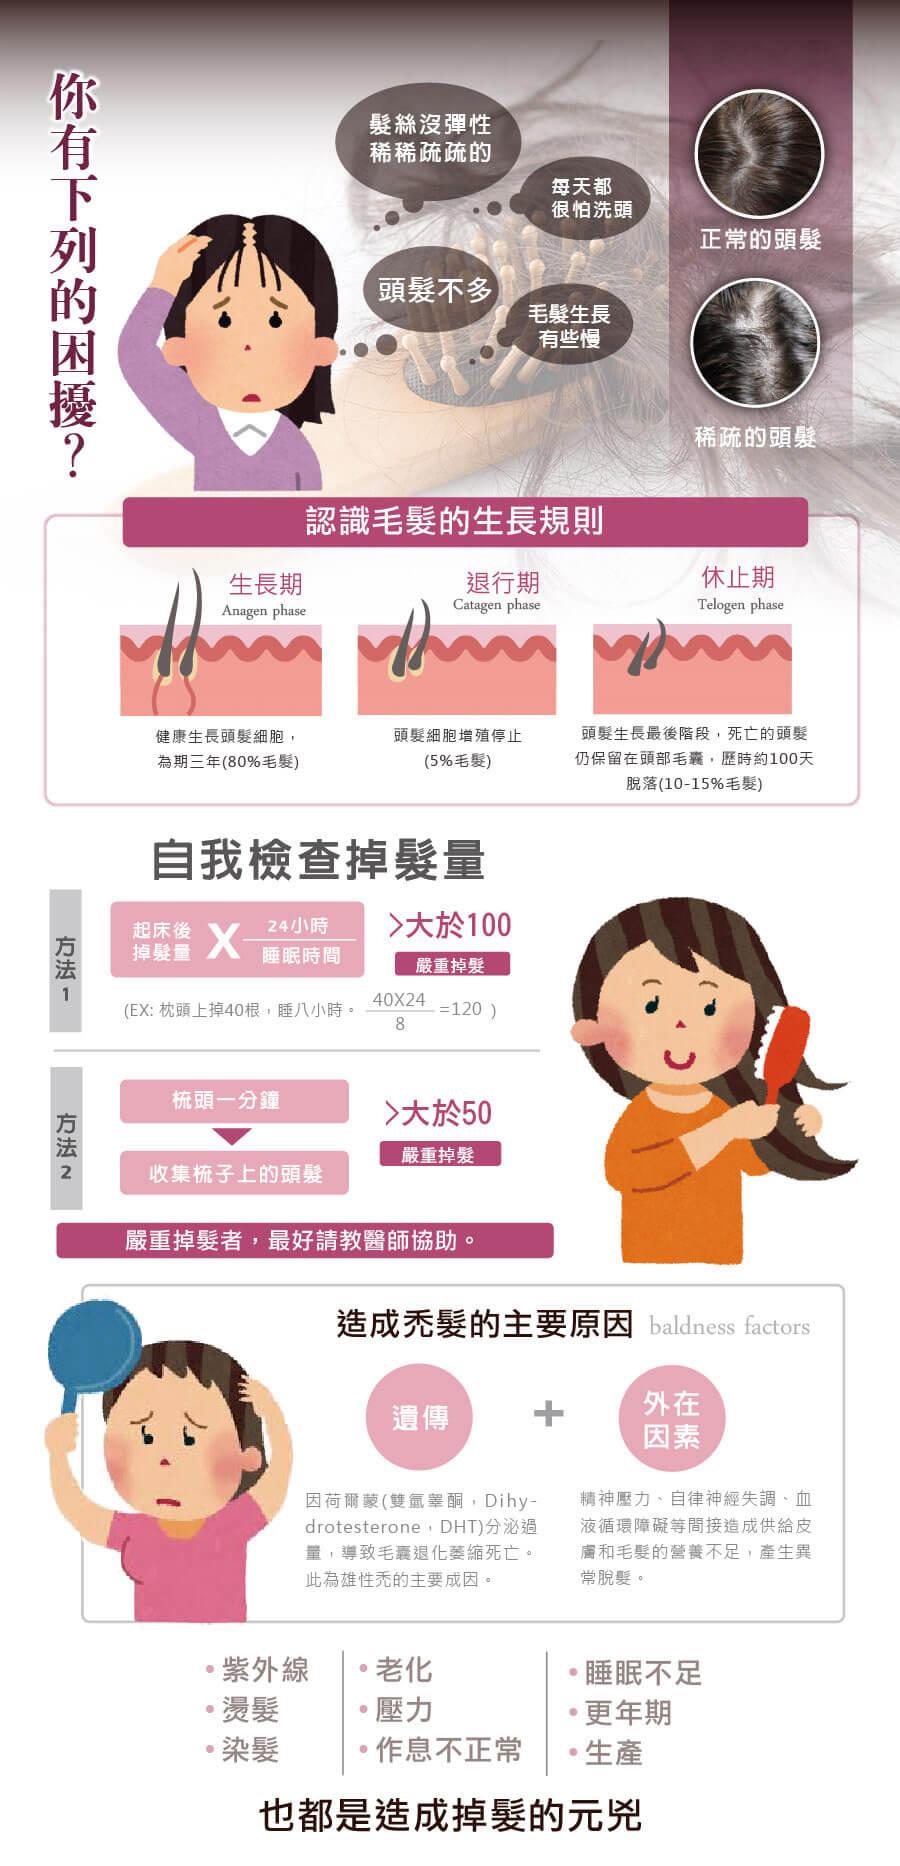 瑞奇頭皮滋養液-產品說明-02